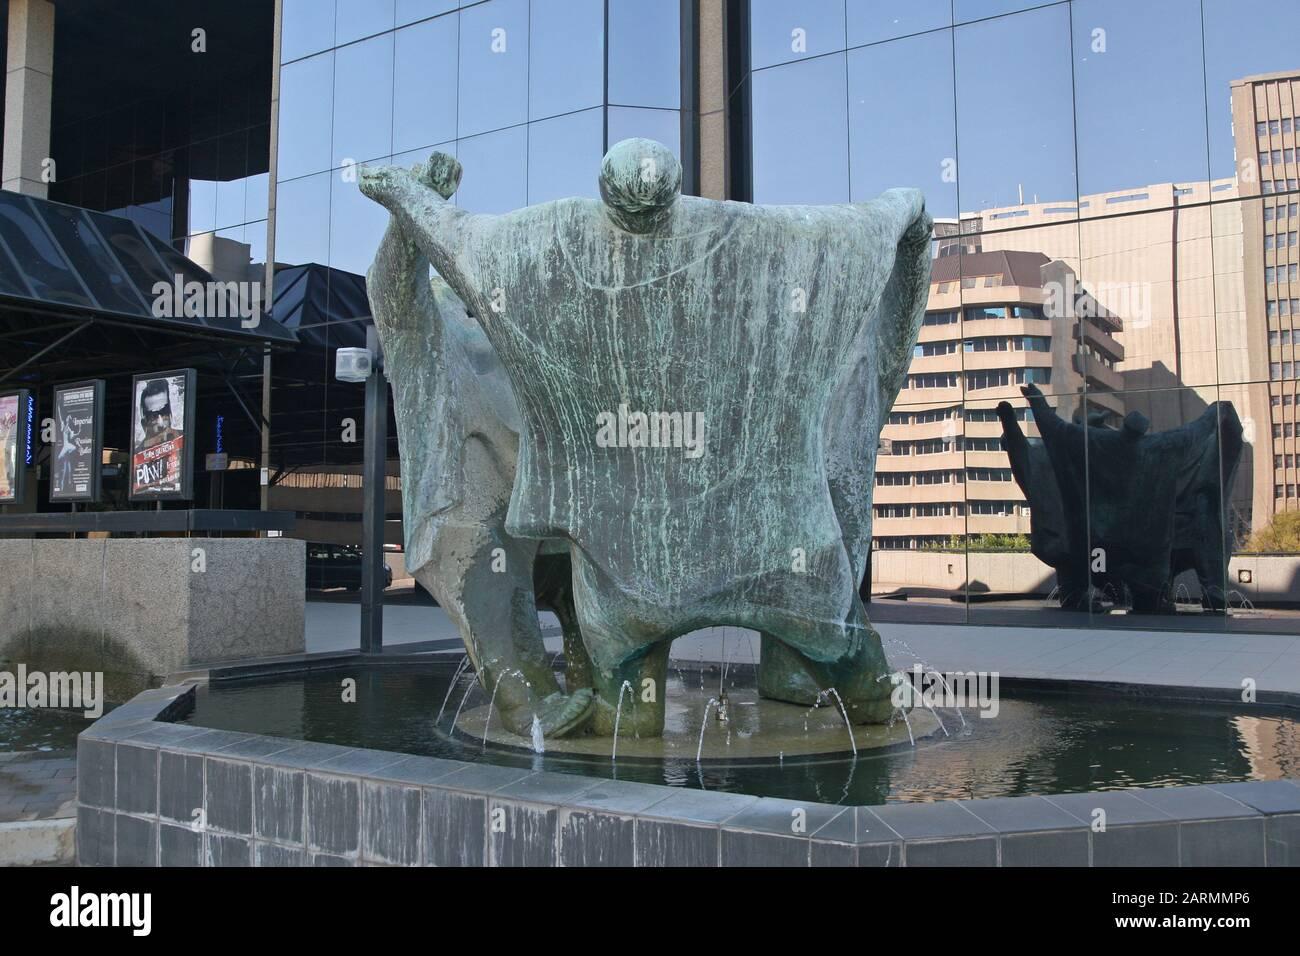 Estatuas delante del Teatro Joburg llamado los Playmakers por Ernest Ullman, Braamfontein, Johannesburgo, Gauteng, Sudáfrica. Foto de stock